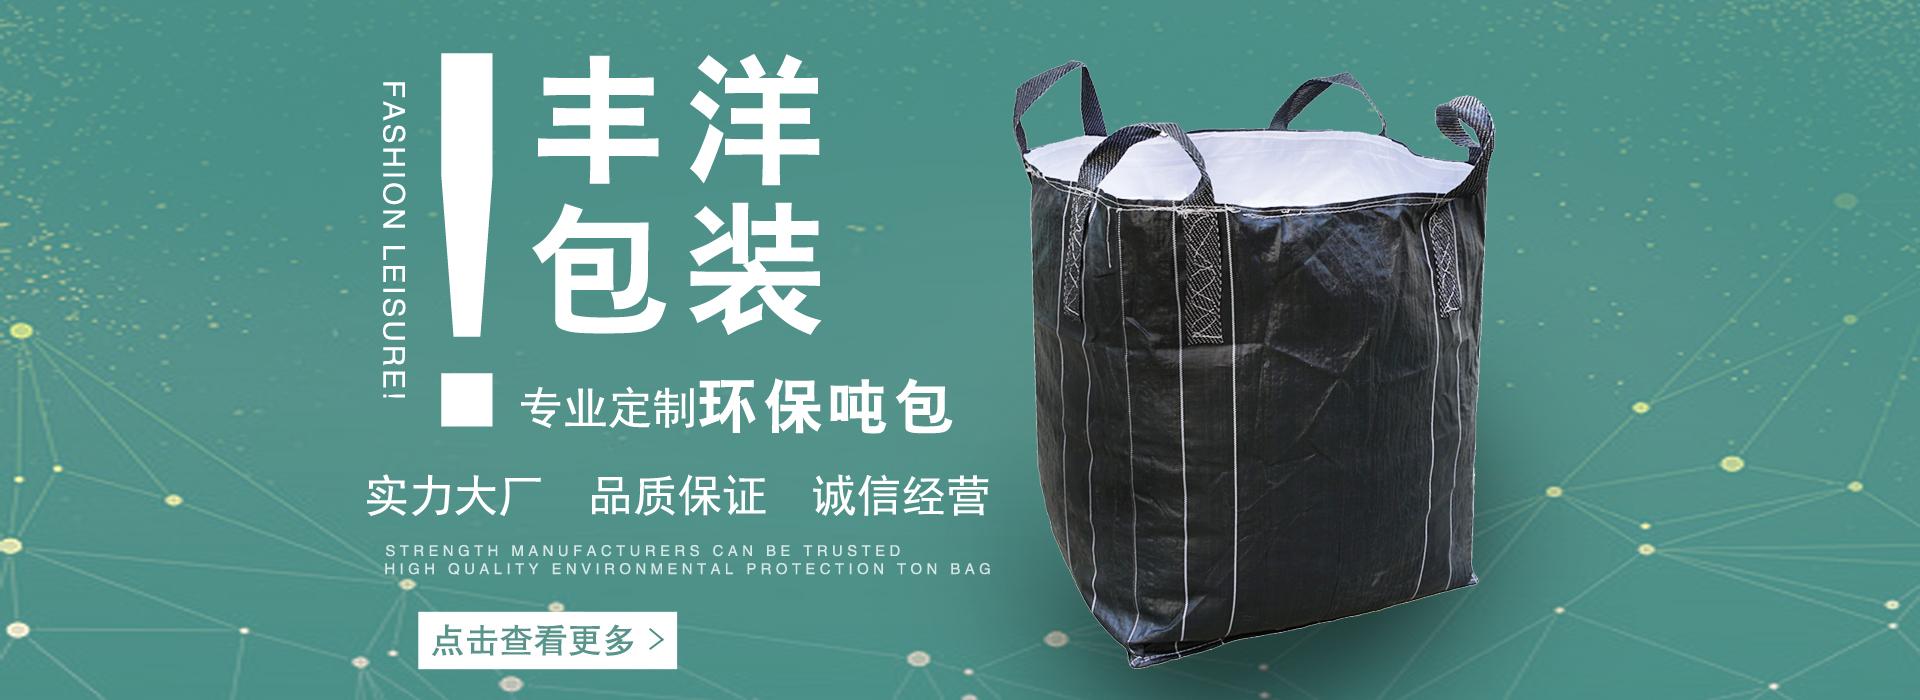 集装袋价格